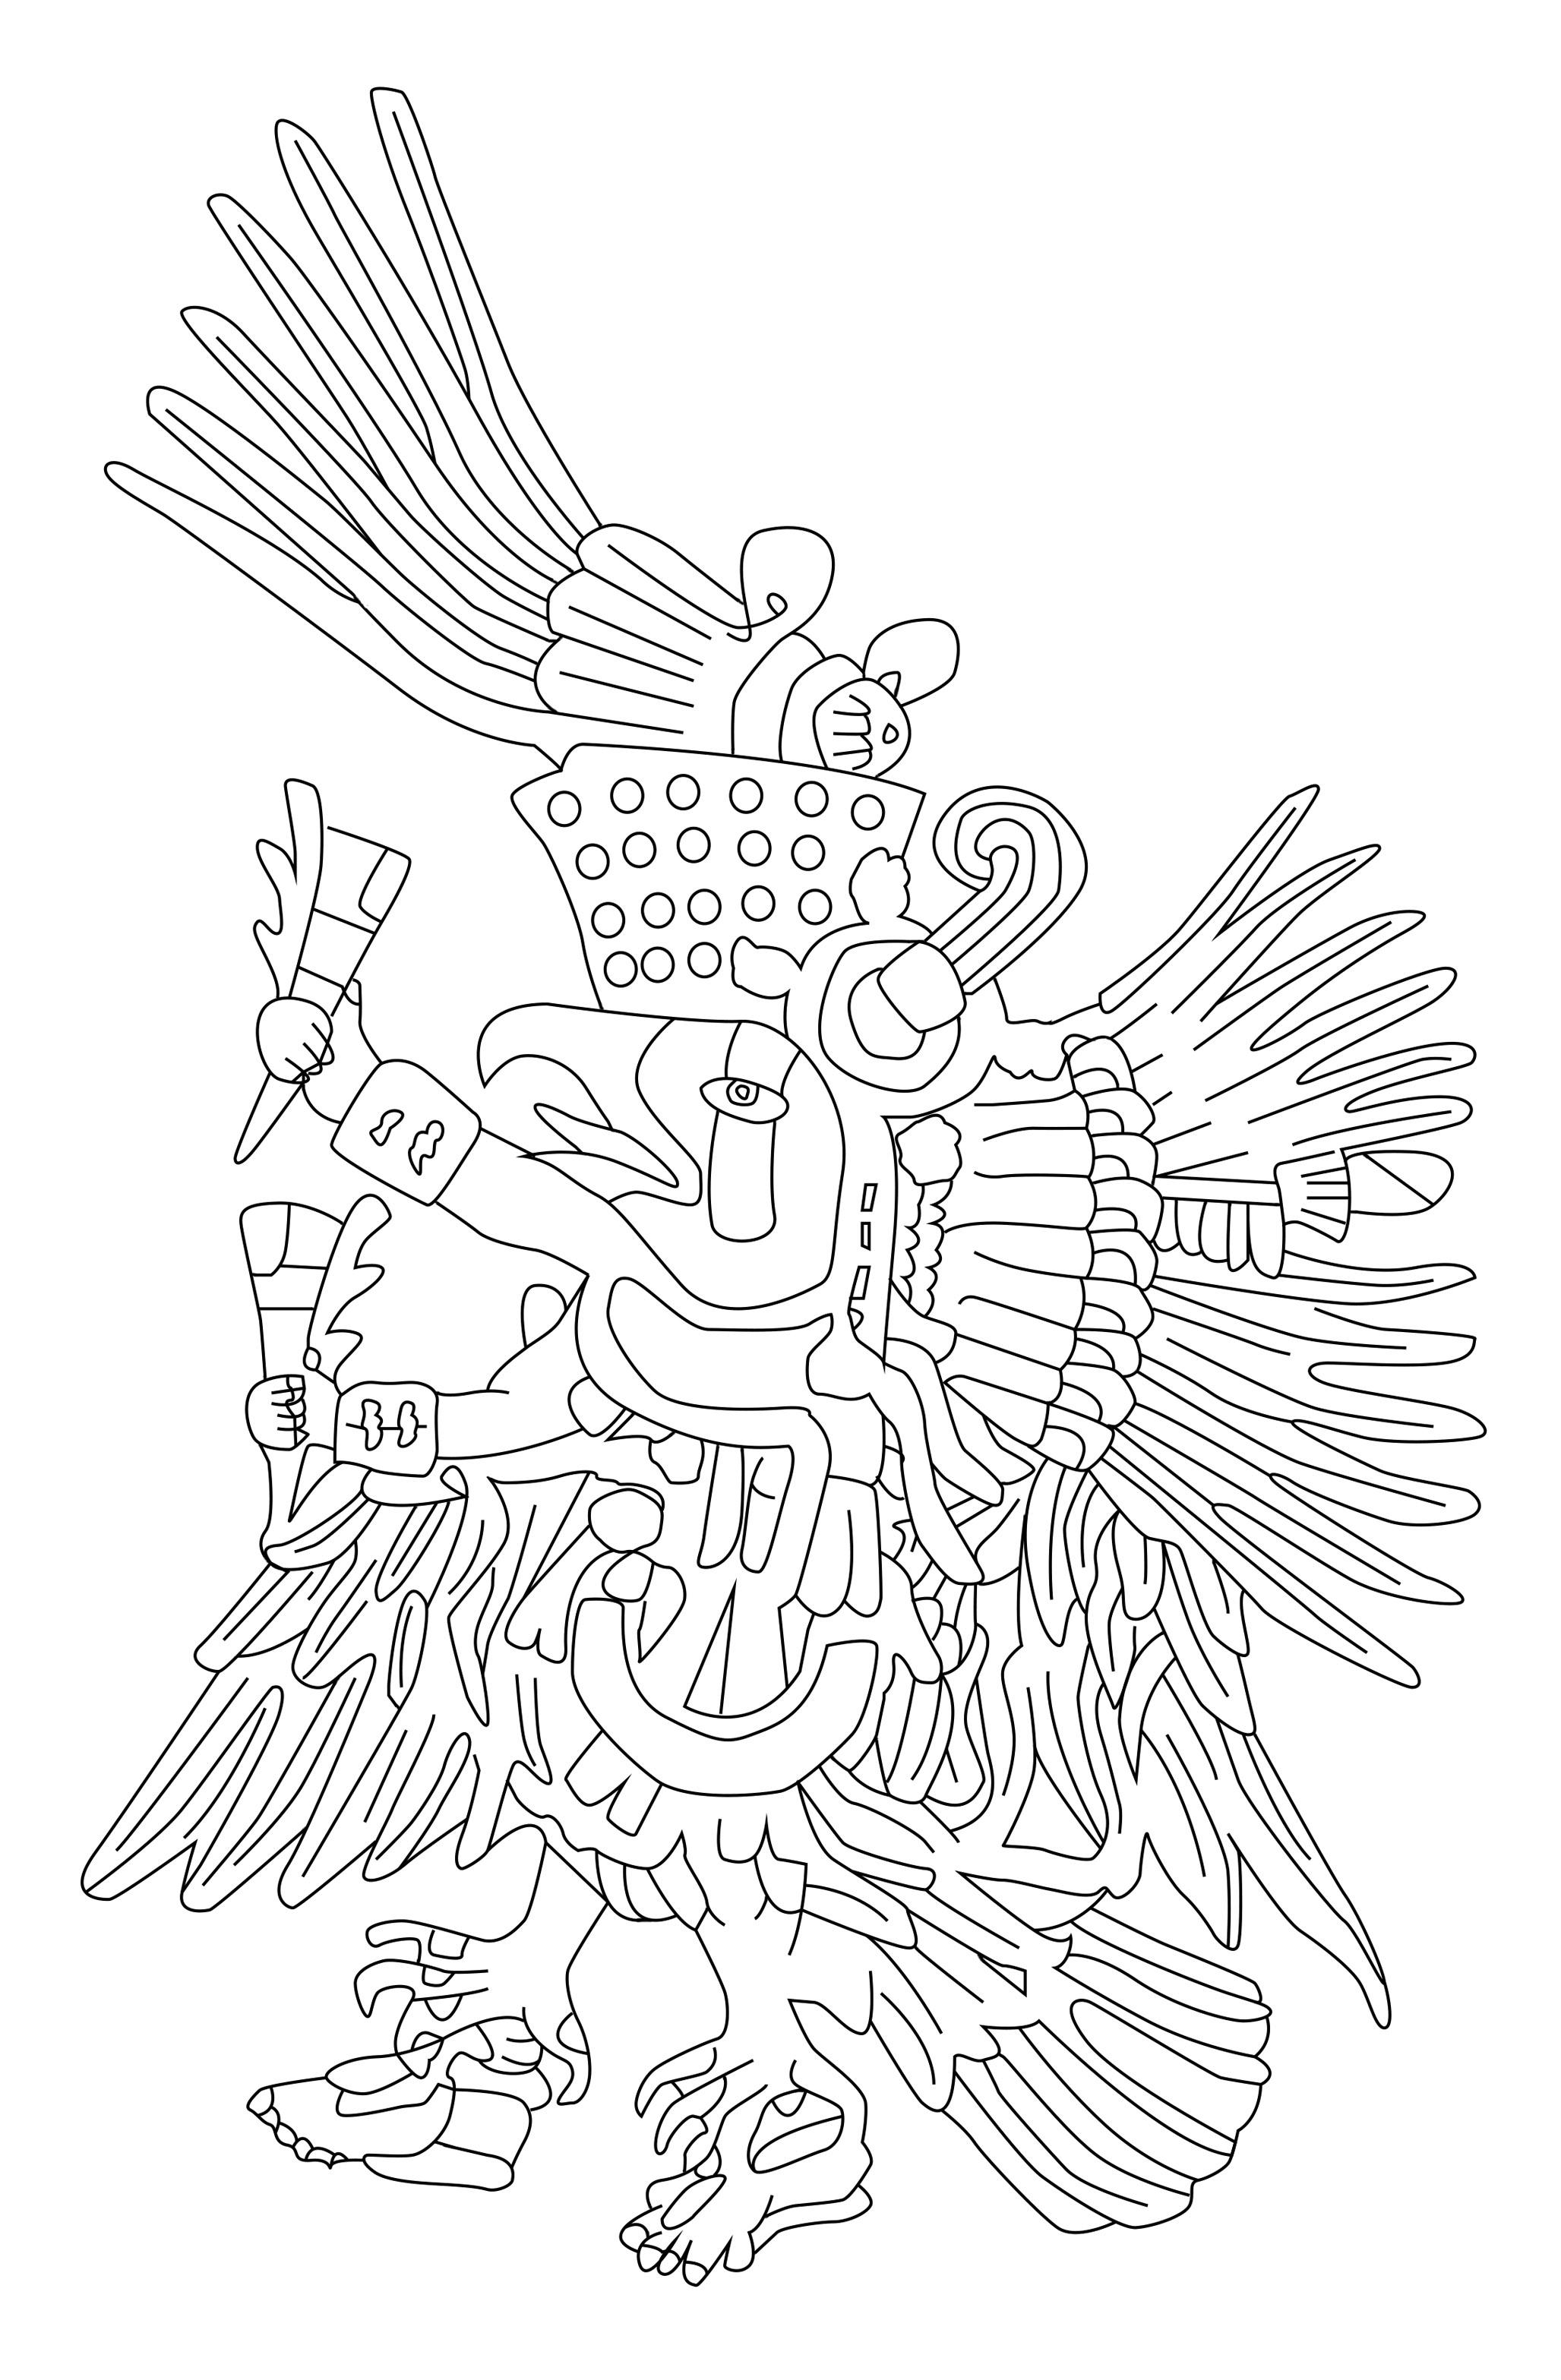 Disegni da colorare per adulti : Maya, Aztechi e Incas - 18